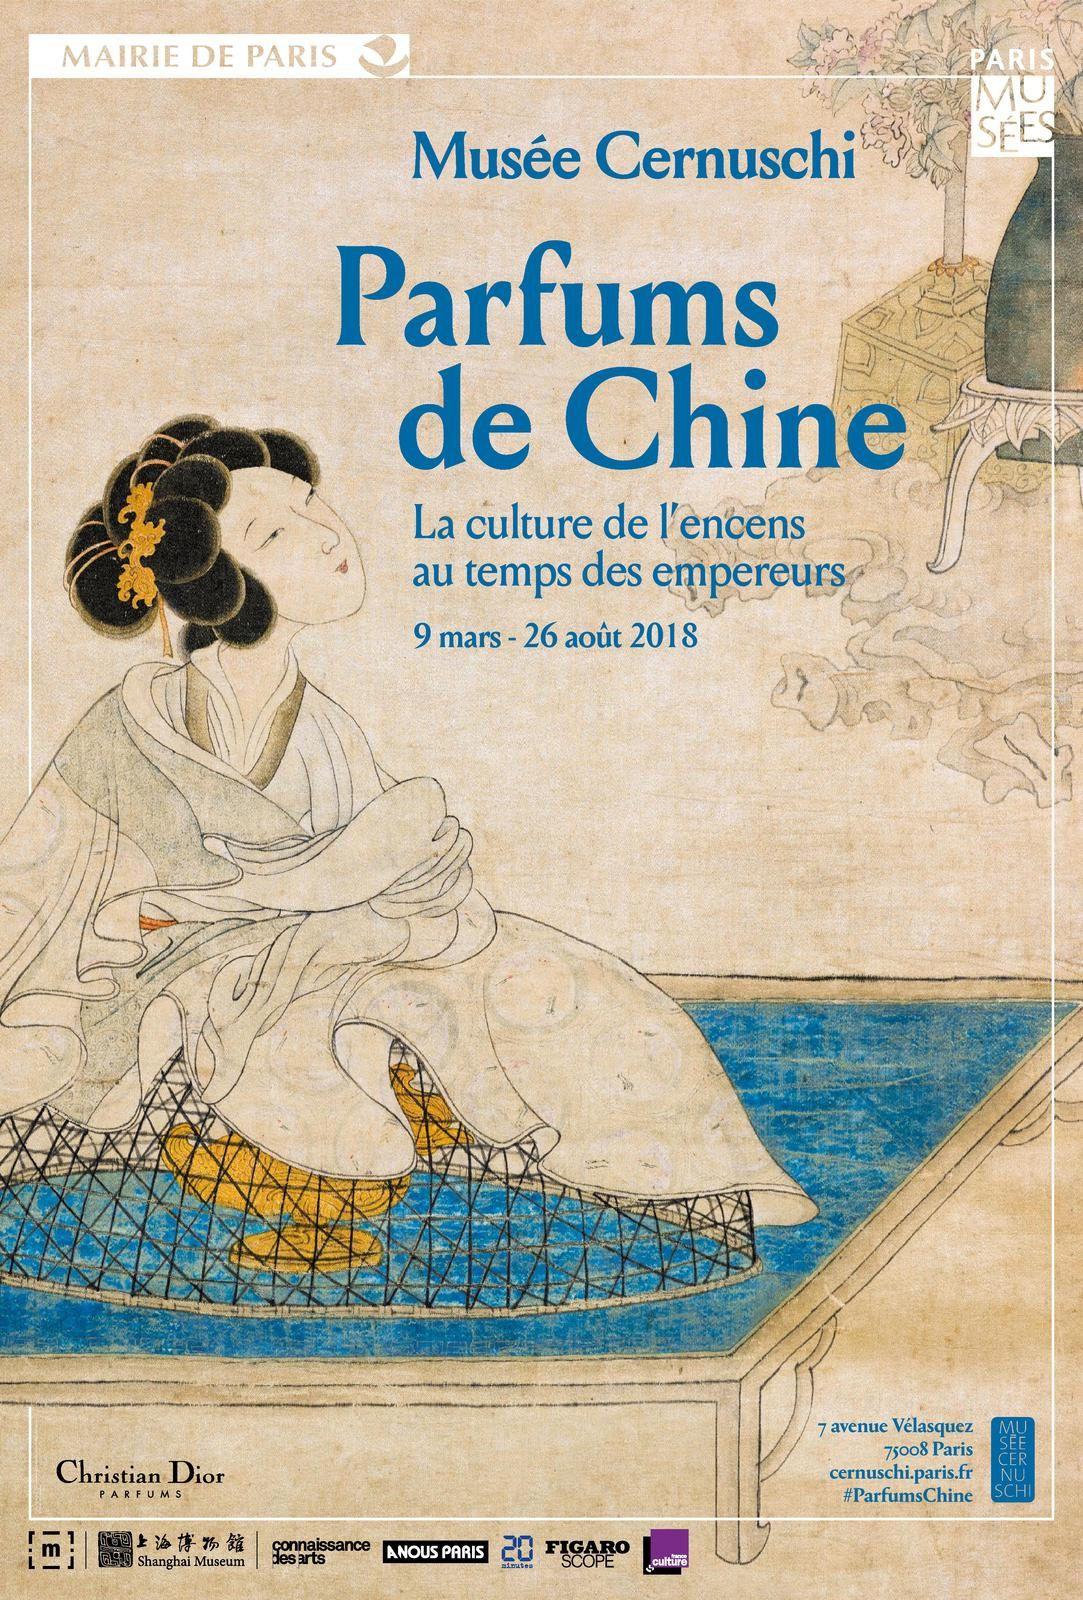 Exposition - Parfums de Chine - La culture de l'encens au temps des empereurs - Musée Cernuschi Paris - Affiche